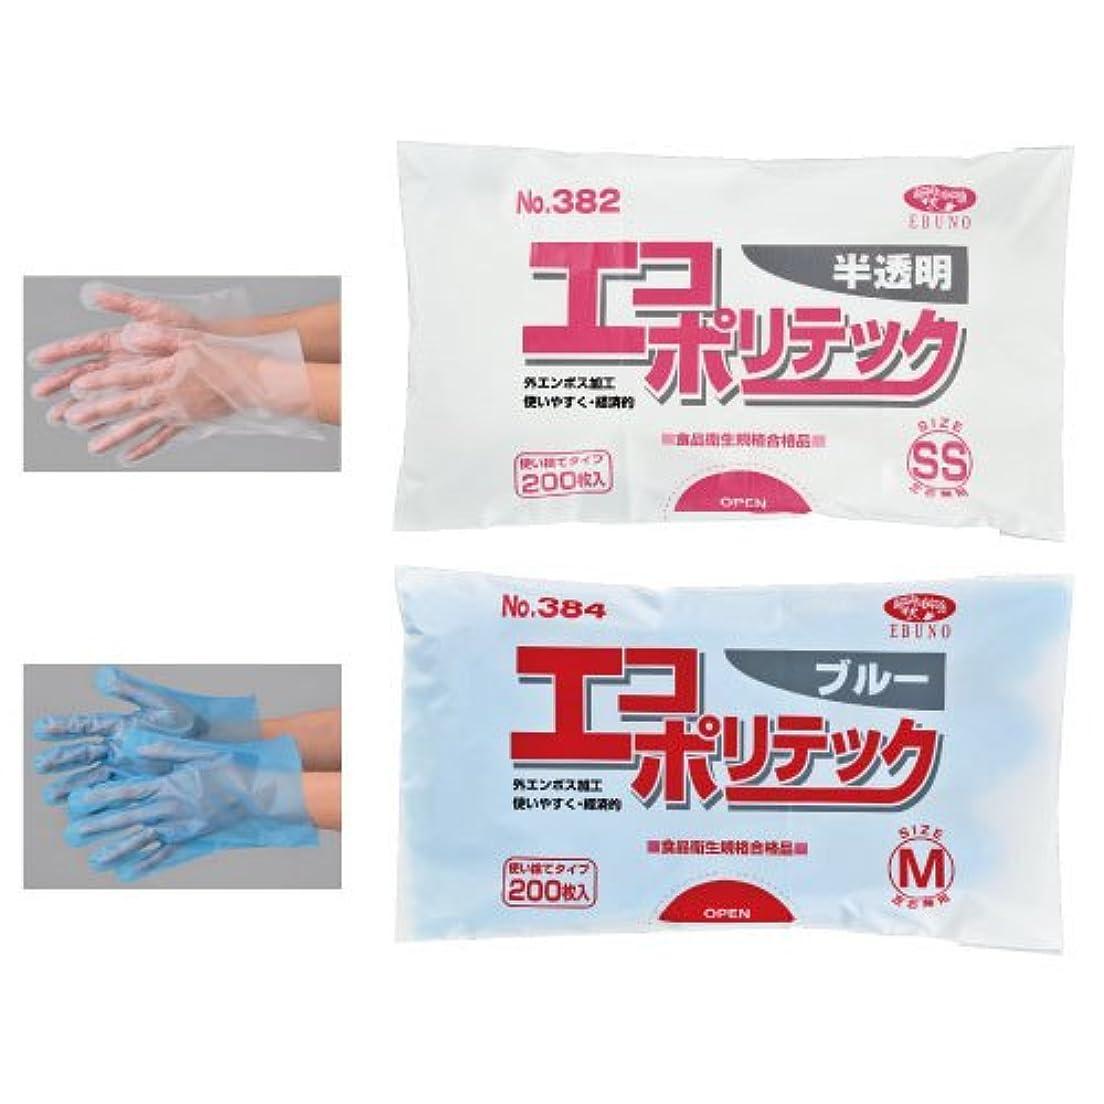 シーフード永続むしゃむしゃエブノ ポリエチレン手袋 No.382 SS 半透明 (200枚×30袋) エコポリテック 袋入